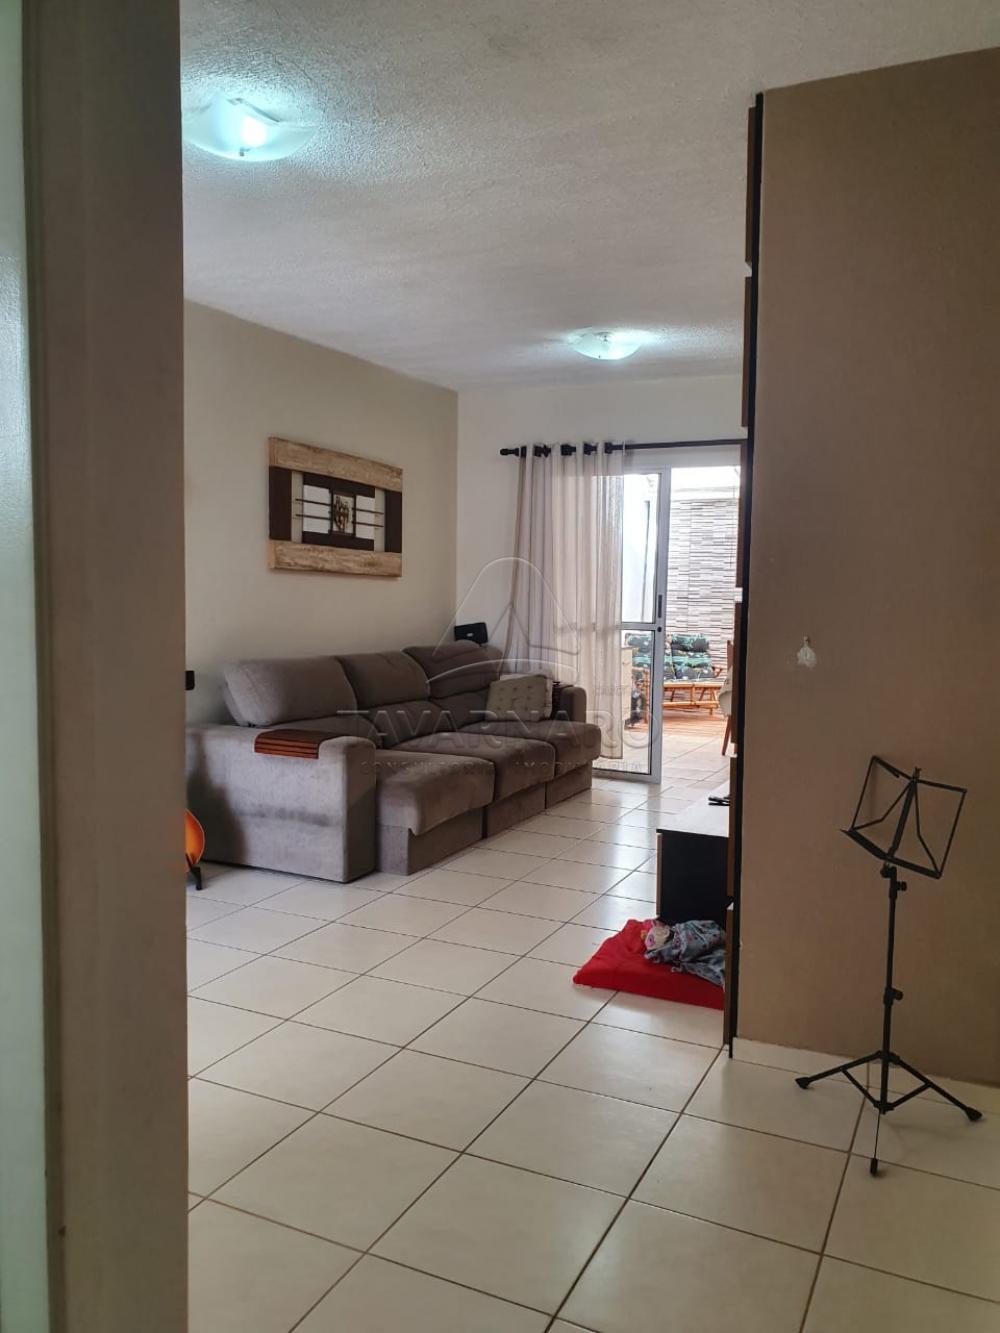 Comprar Casa / Condomínio em Ponta Grossa R$ 230.000,00 - Foto 12